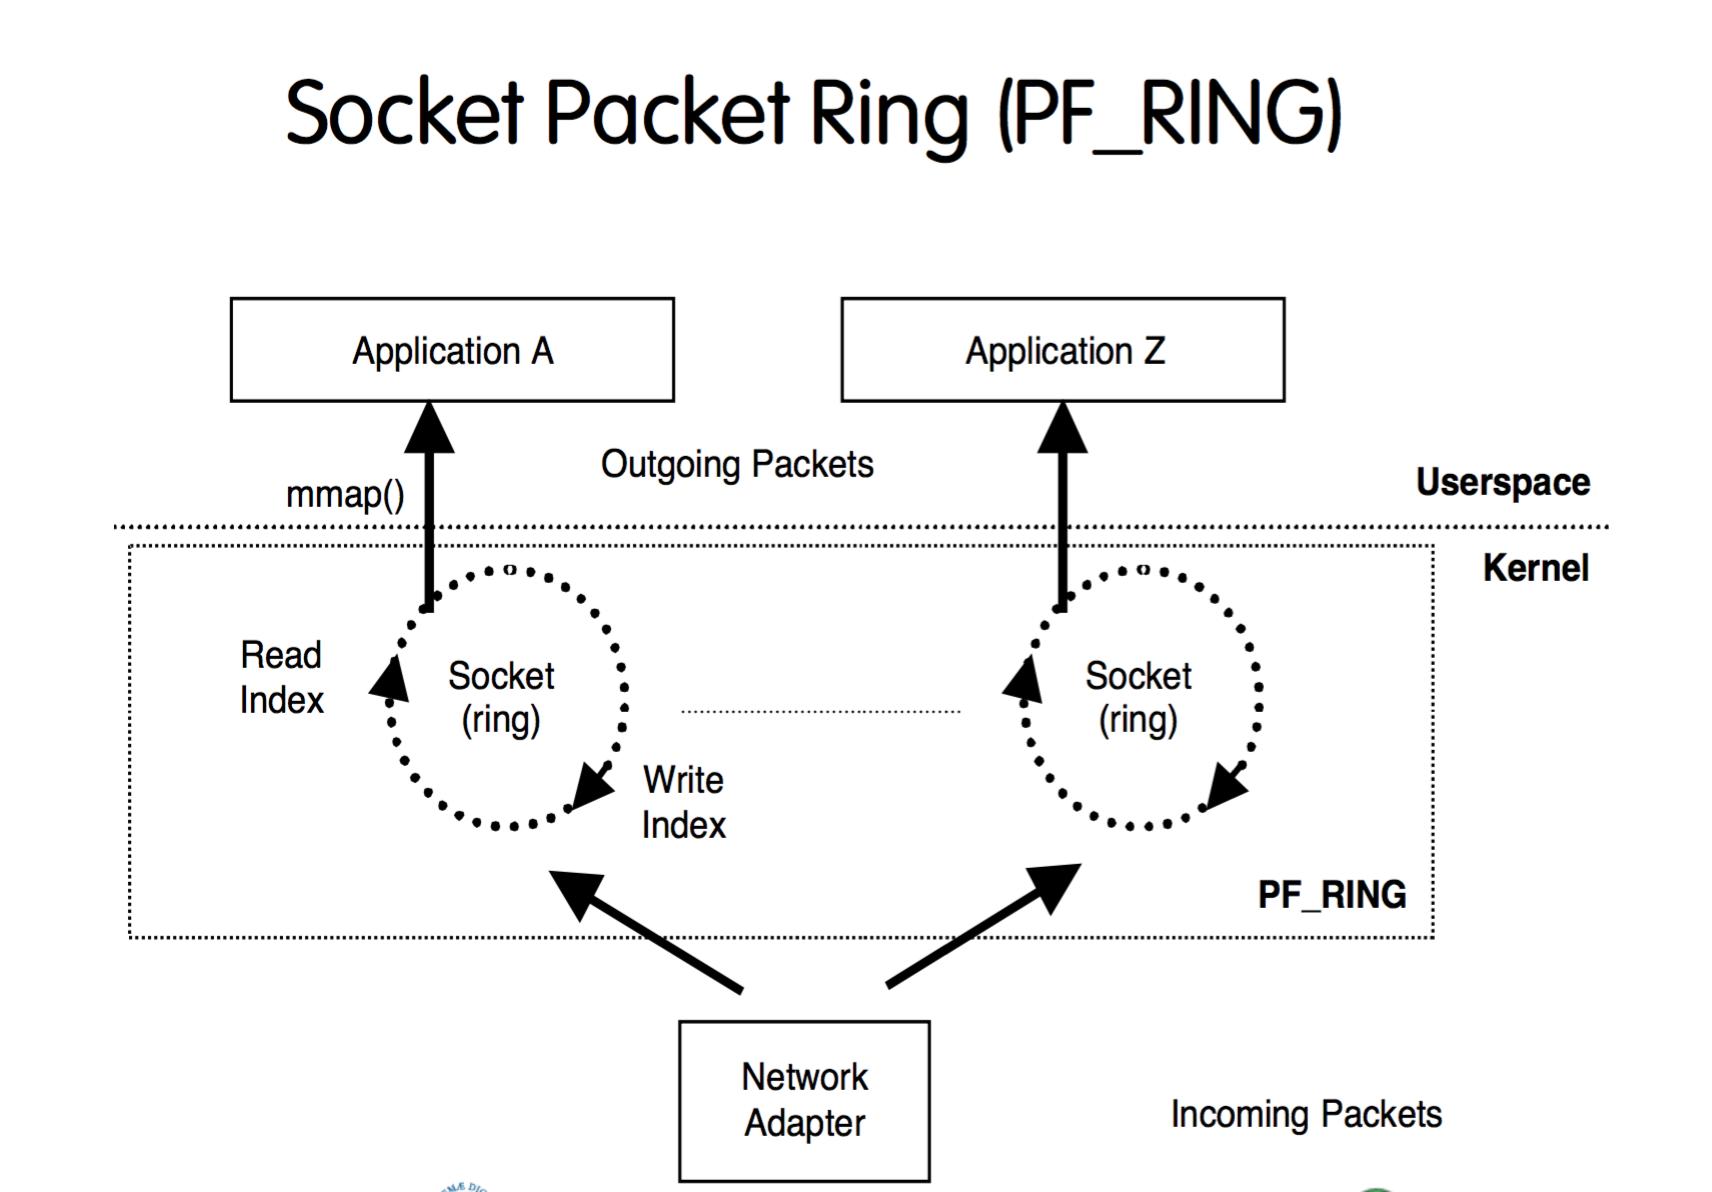 Socket Packet Ring (PF_RING)